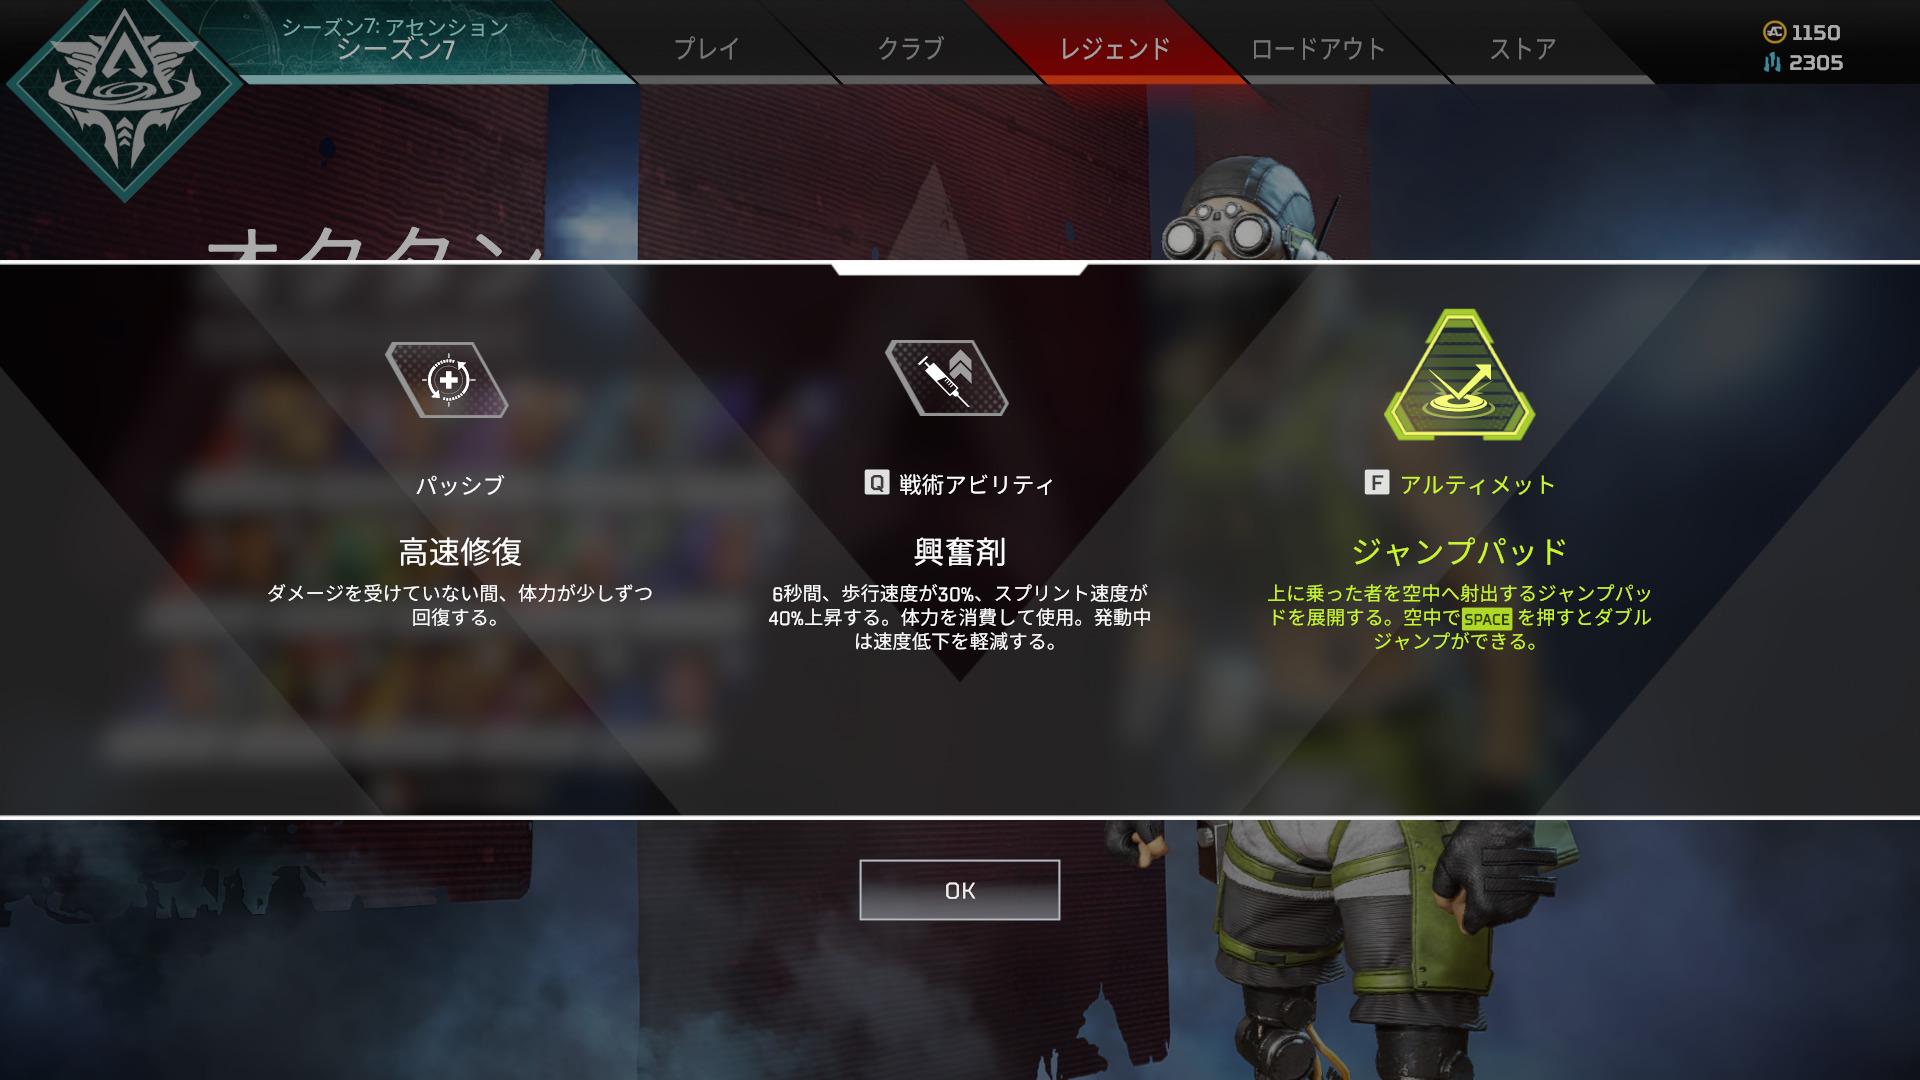 【Apex Legends】オクタン 日本語セリフ一覧【基本ボイス】【エーペックスレジェンズ】